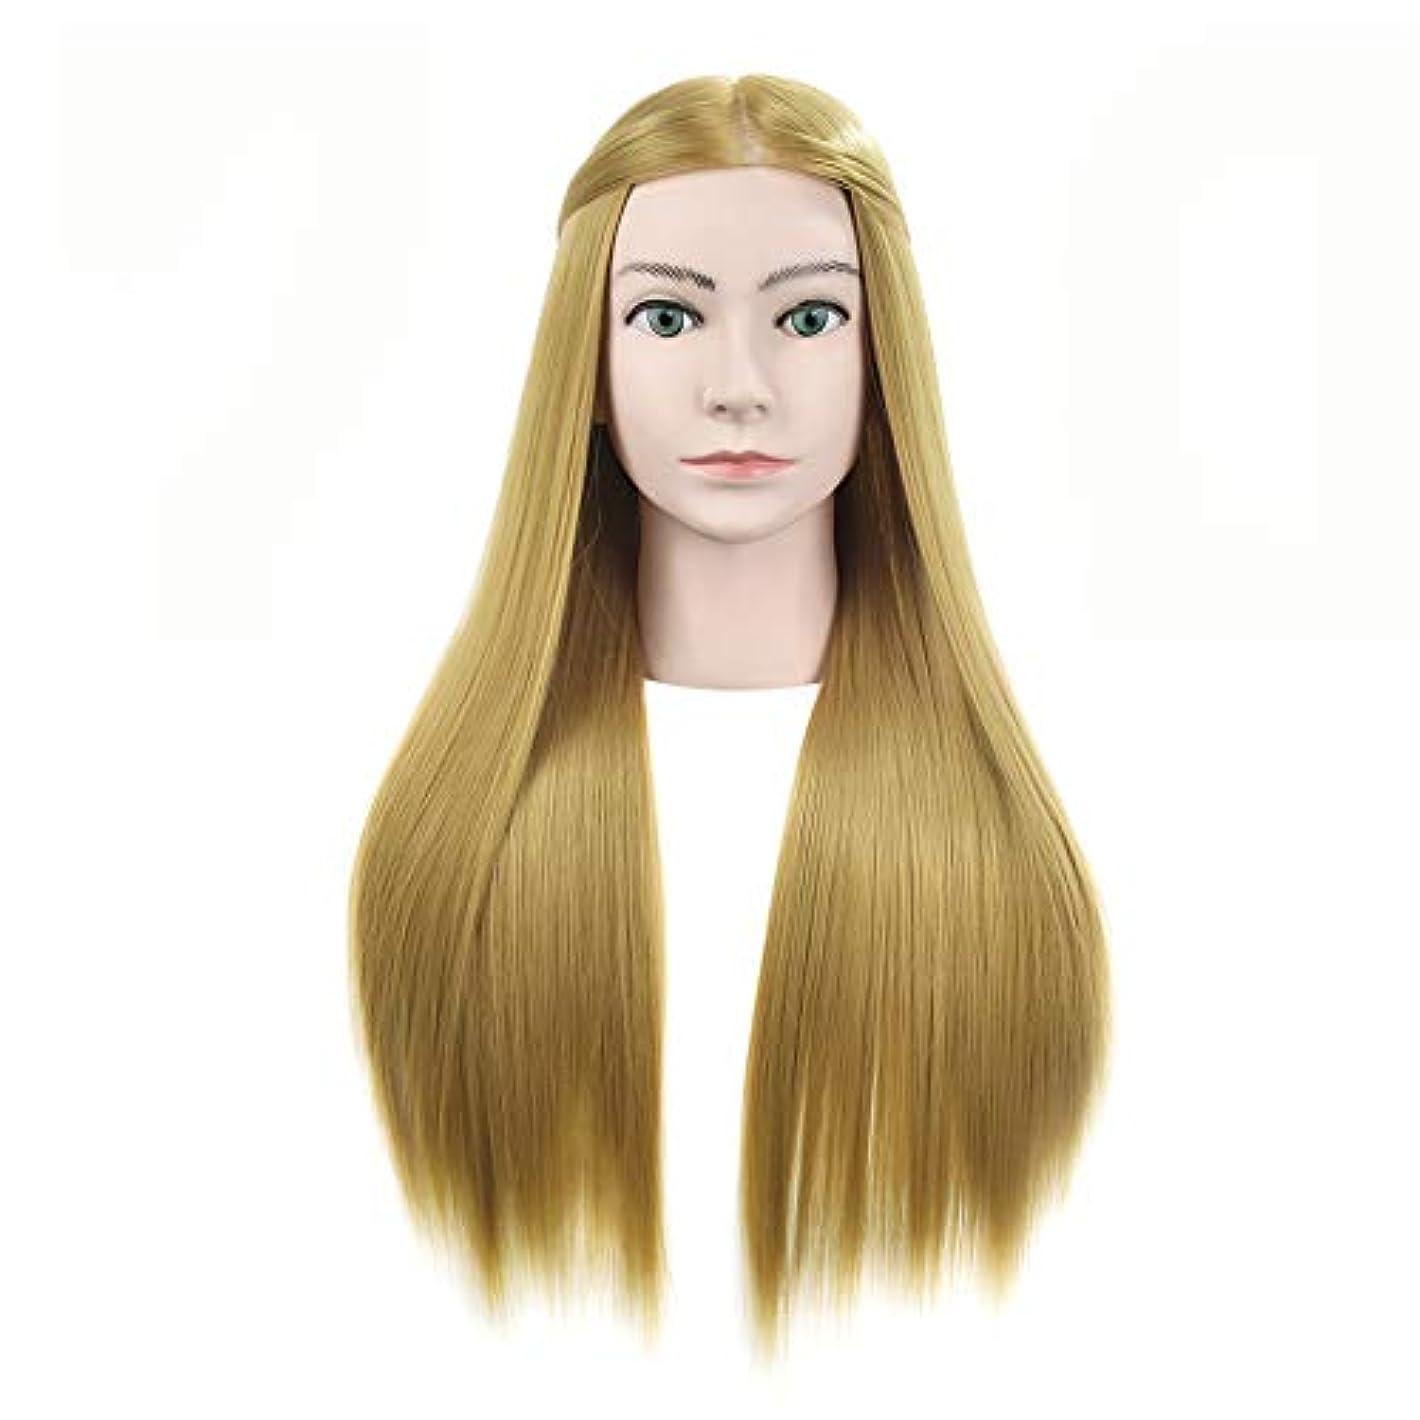 国民投票極端な重要性メイクディスクヘアスタイリング編み教育ダミーヘッドサロンエクササイズヘッド金型理髪ヘアカットトレーニングかつら